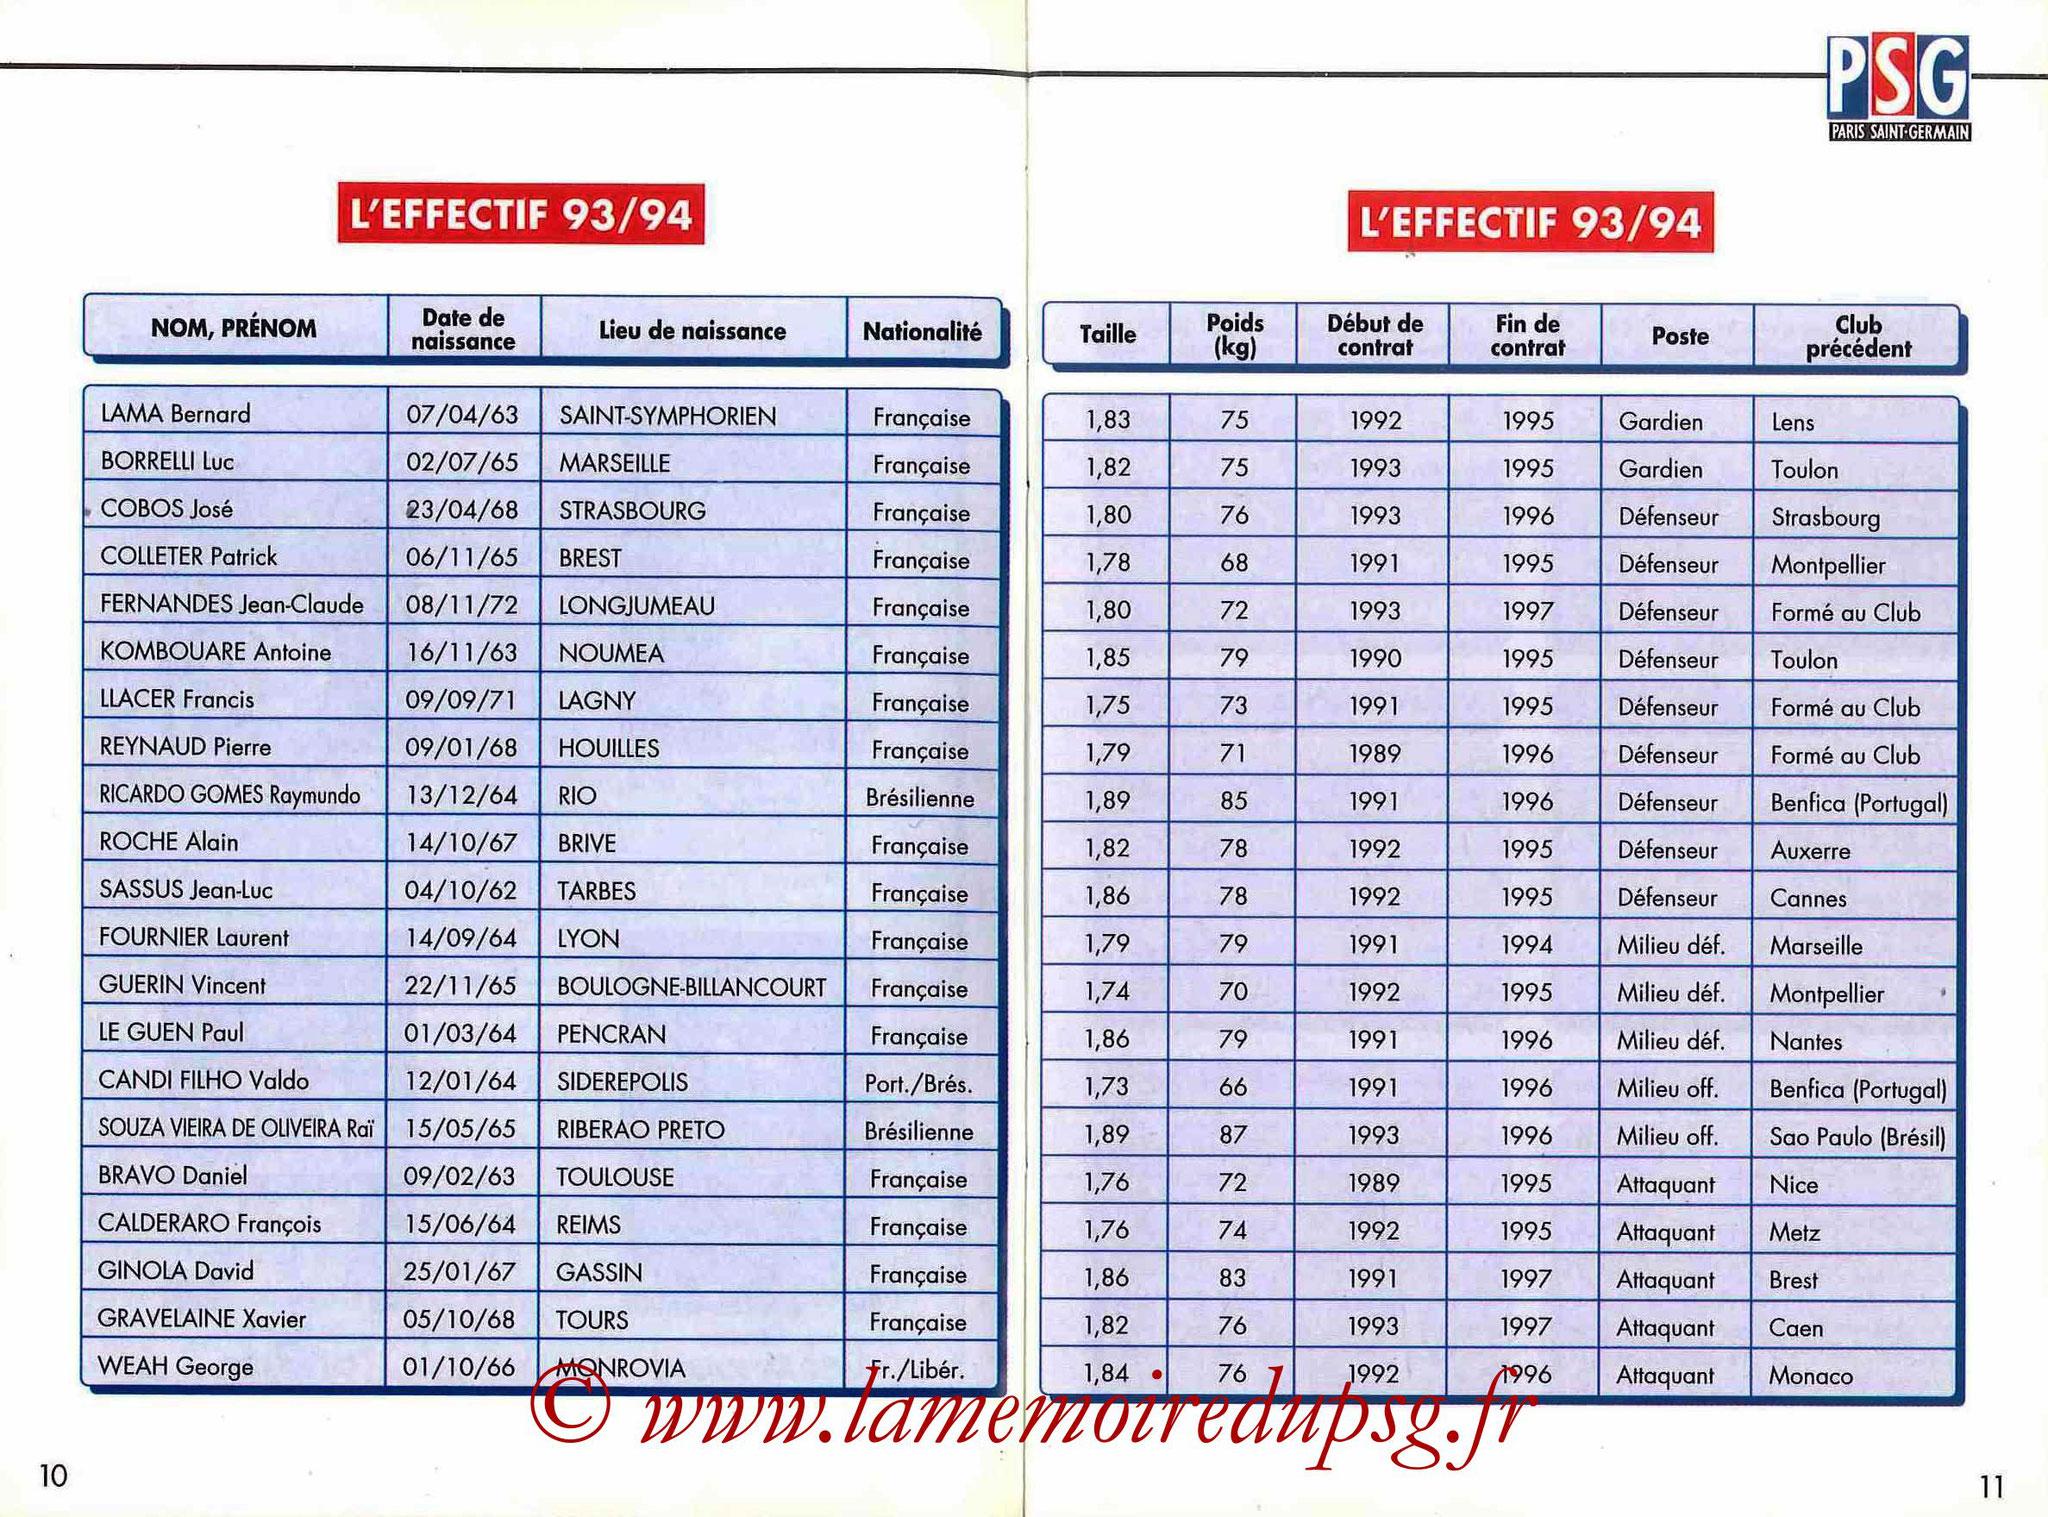 1993-94 - Guide de la Saison PSG - Pages 10 et 11